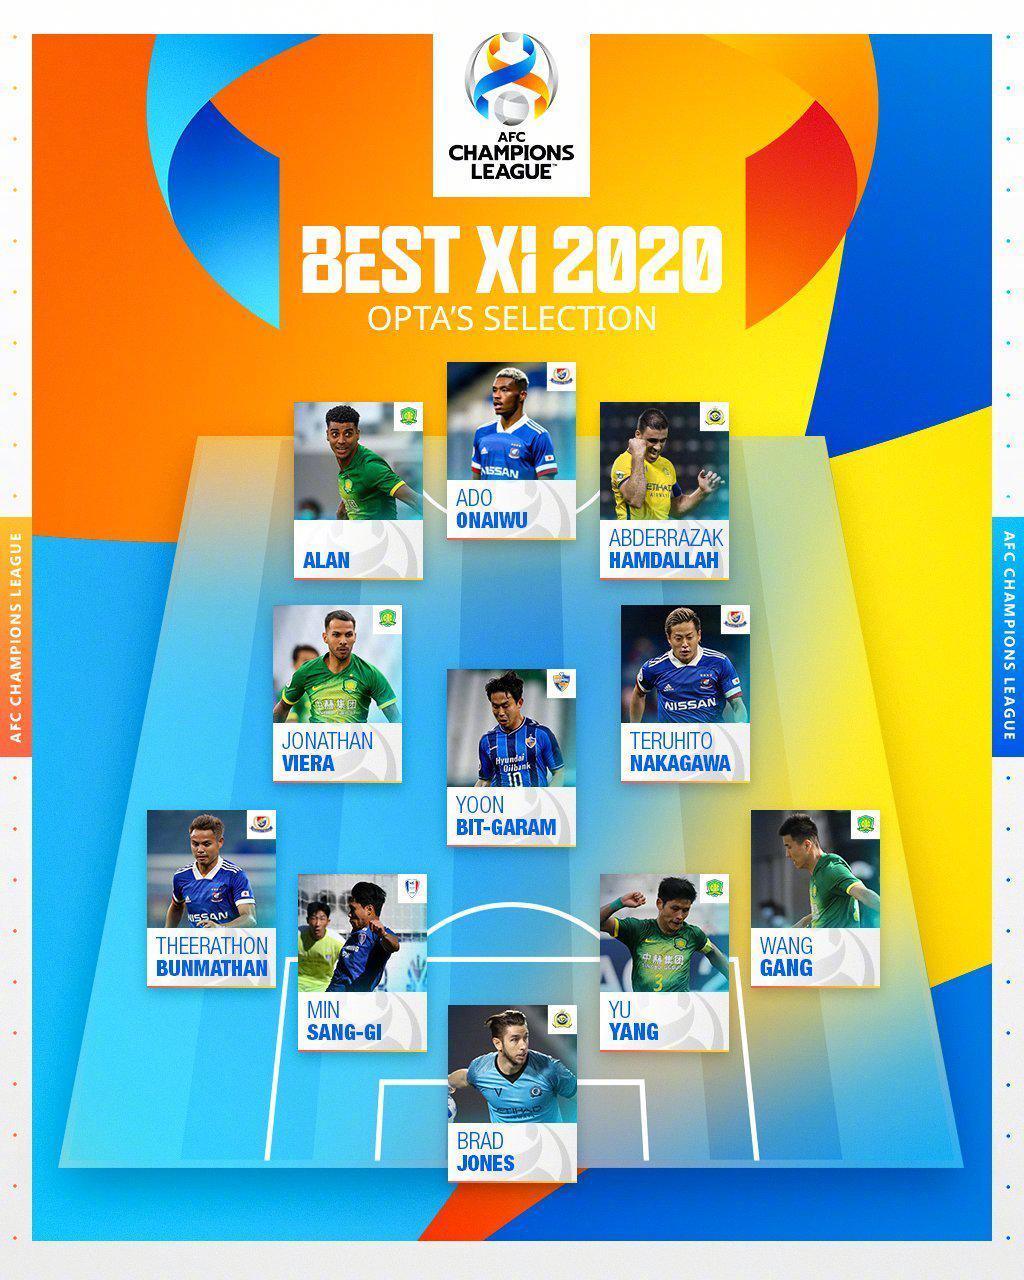 亚足联官网公布2020赛季亚冠两套最佳阵容